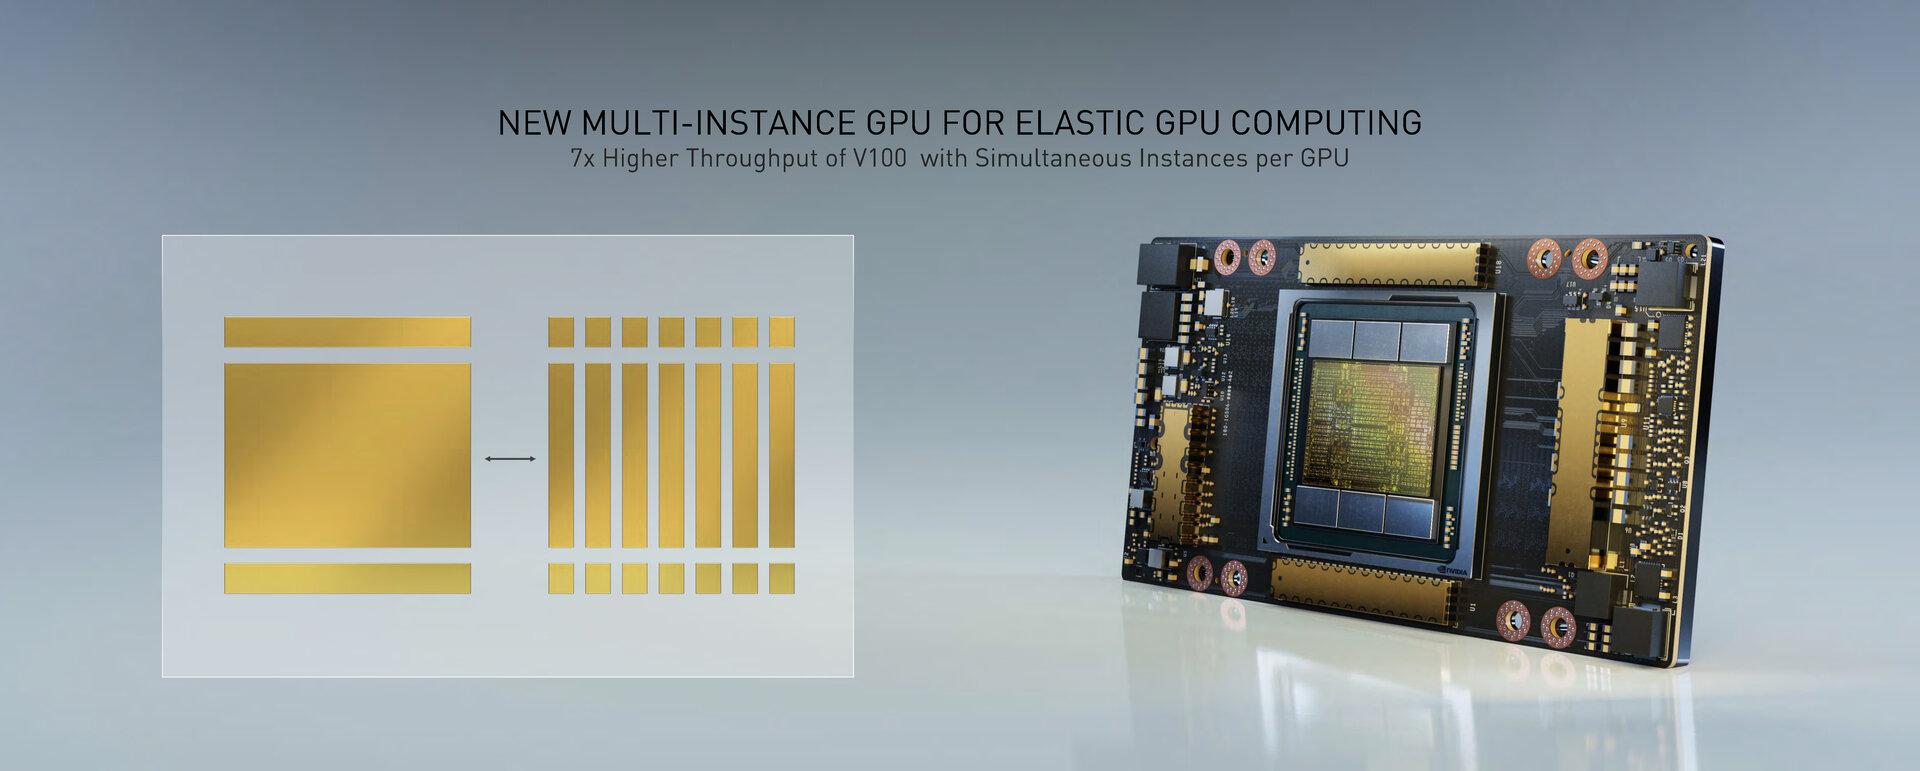 MIG bis zu zu sieben GPUs pro A100